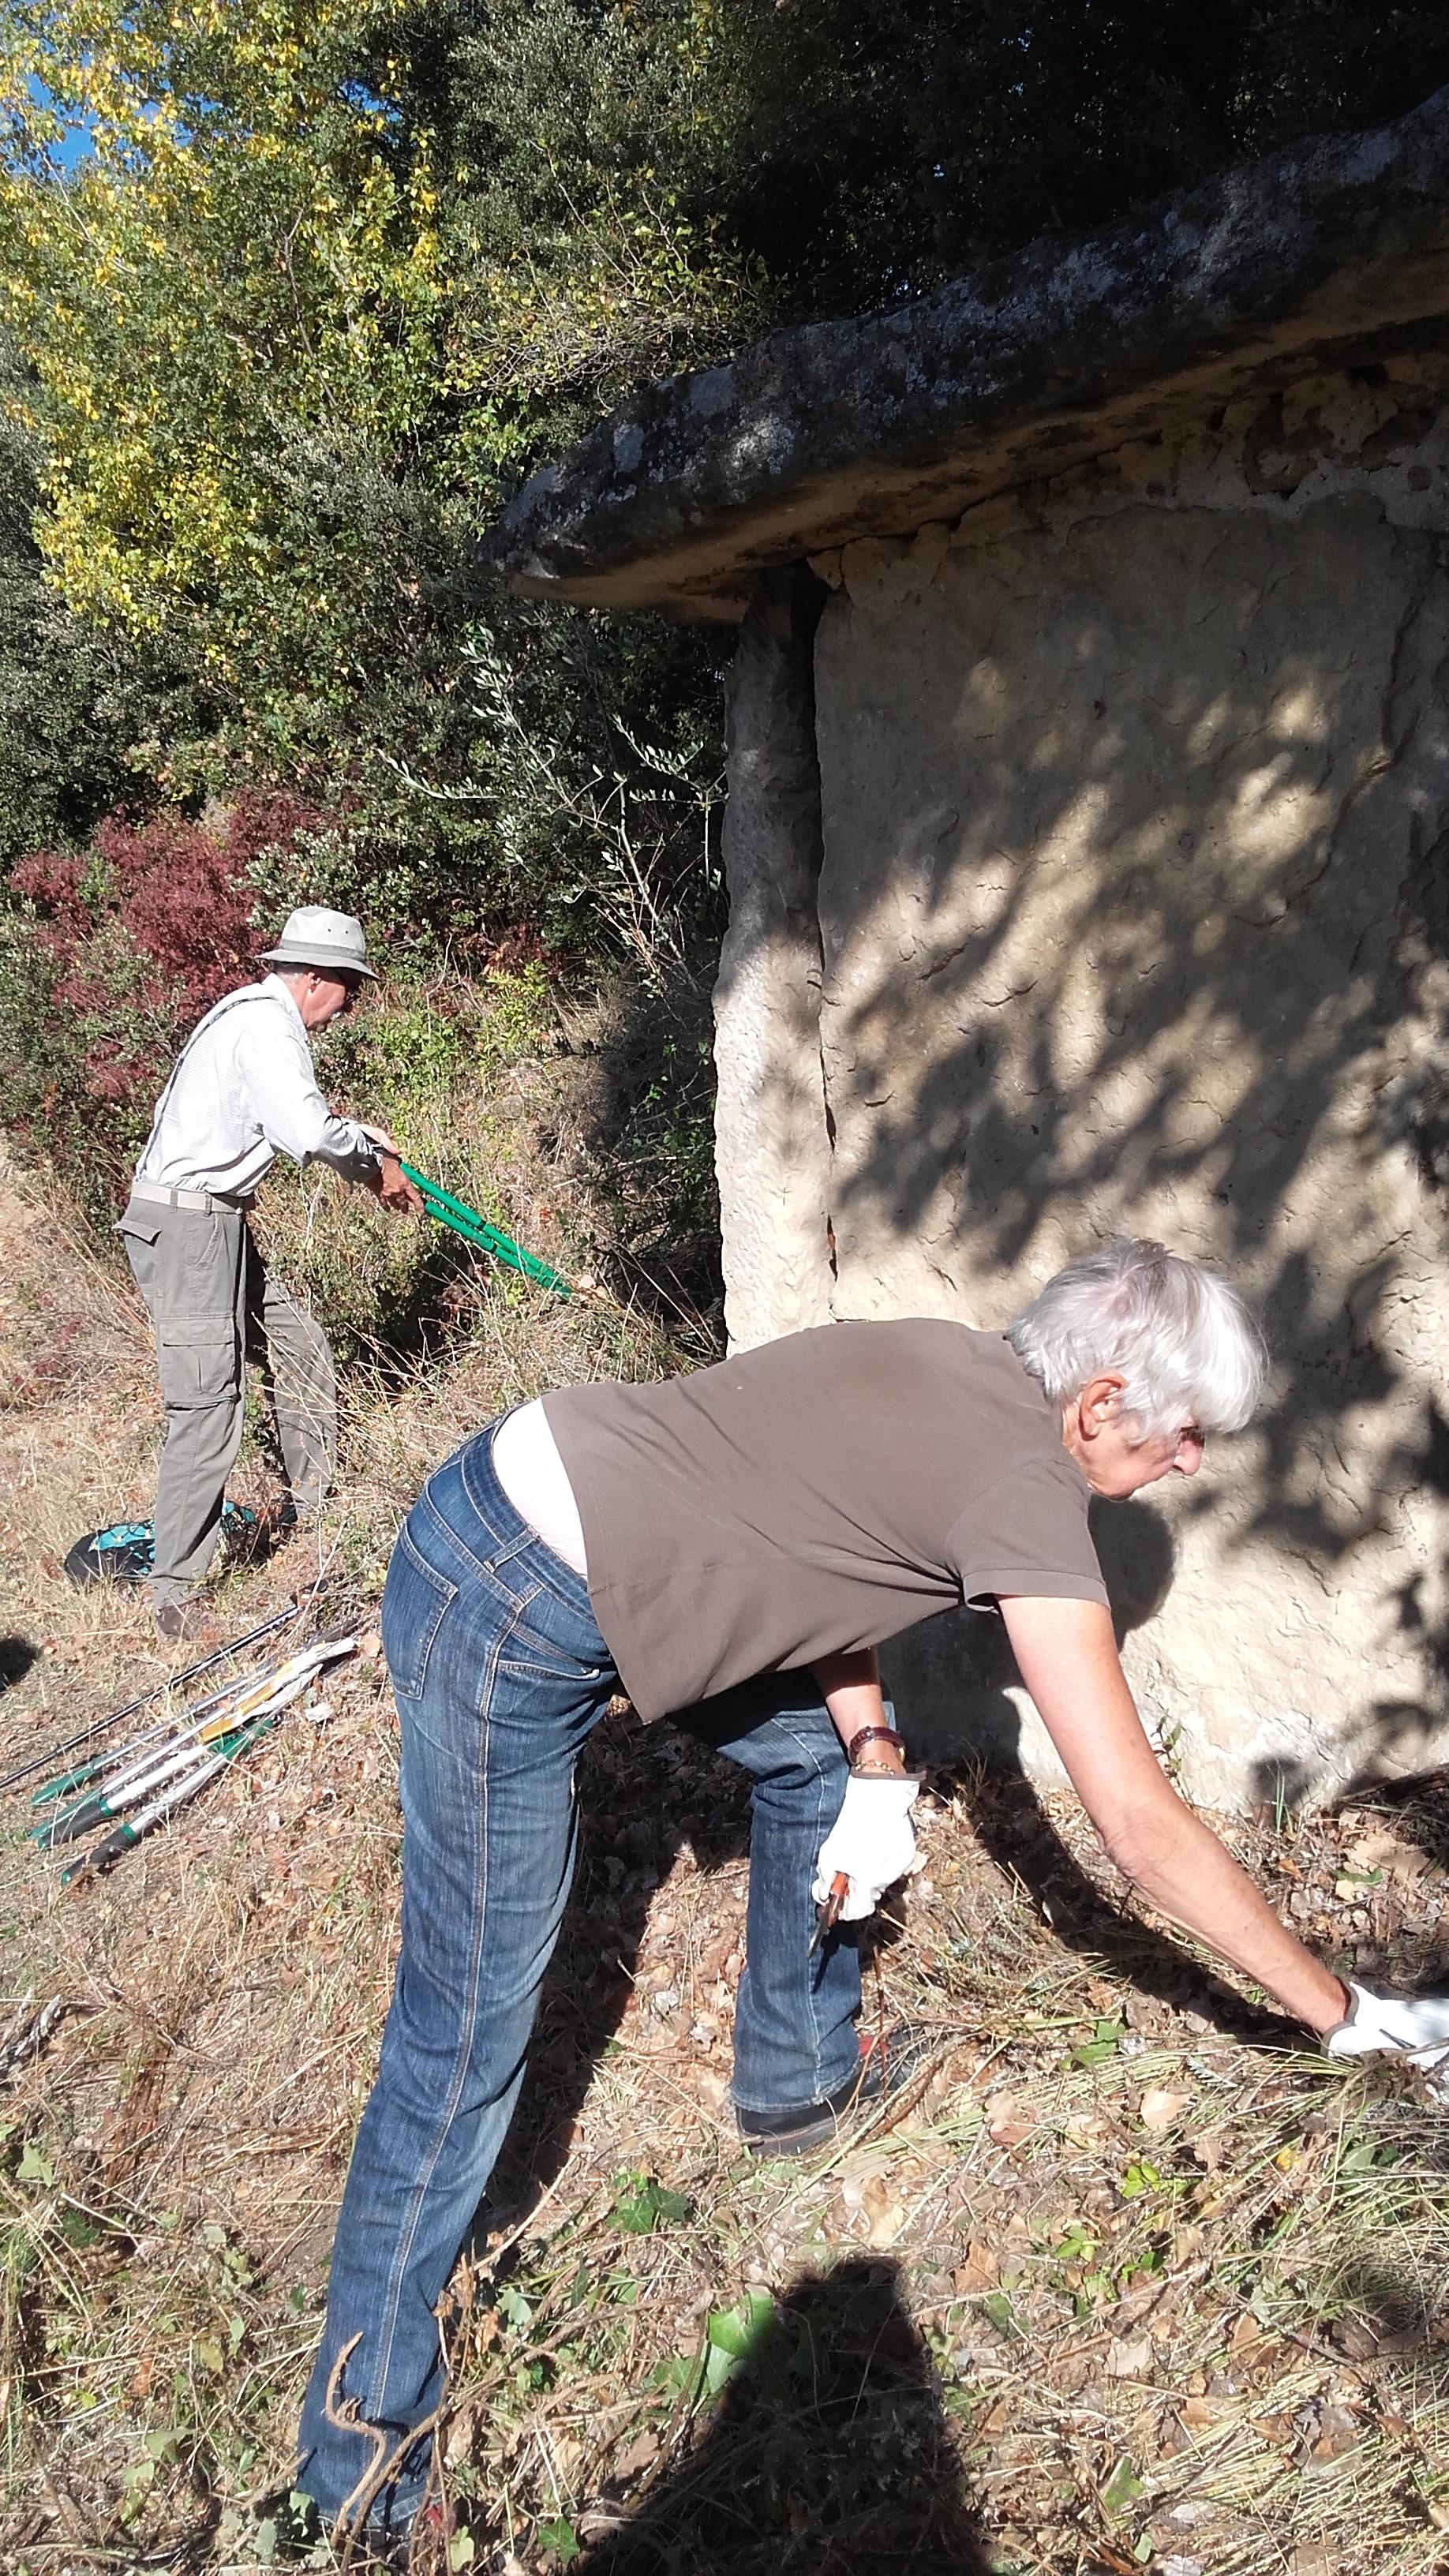 Cabanon en dalles de pierre- débroussaillage